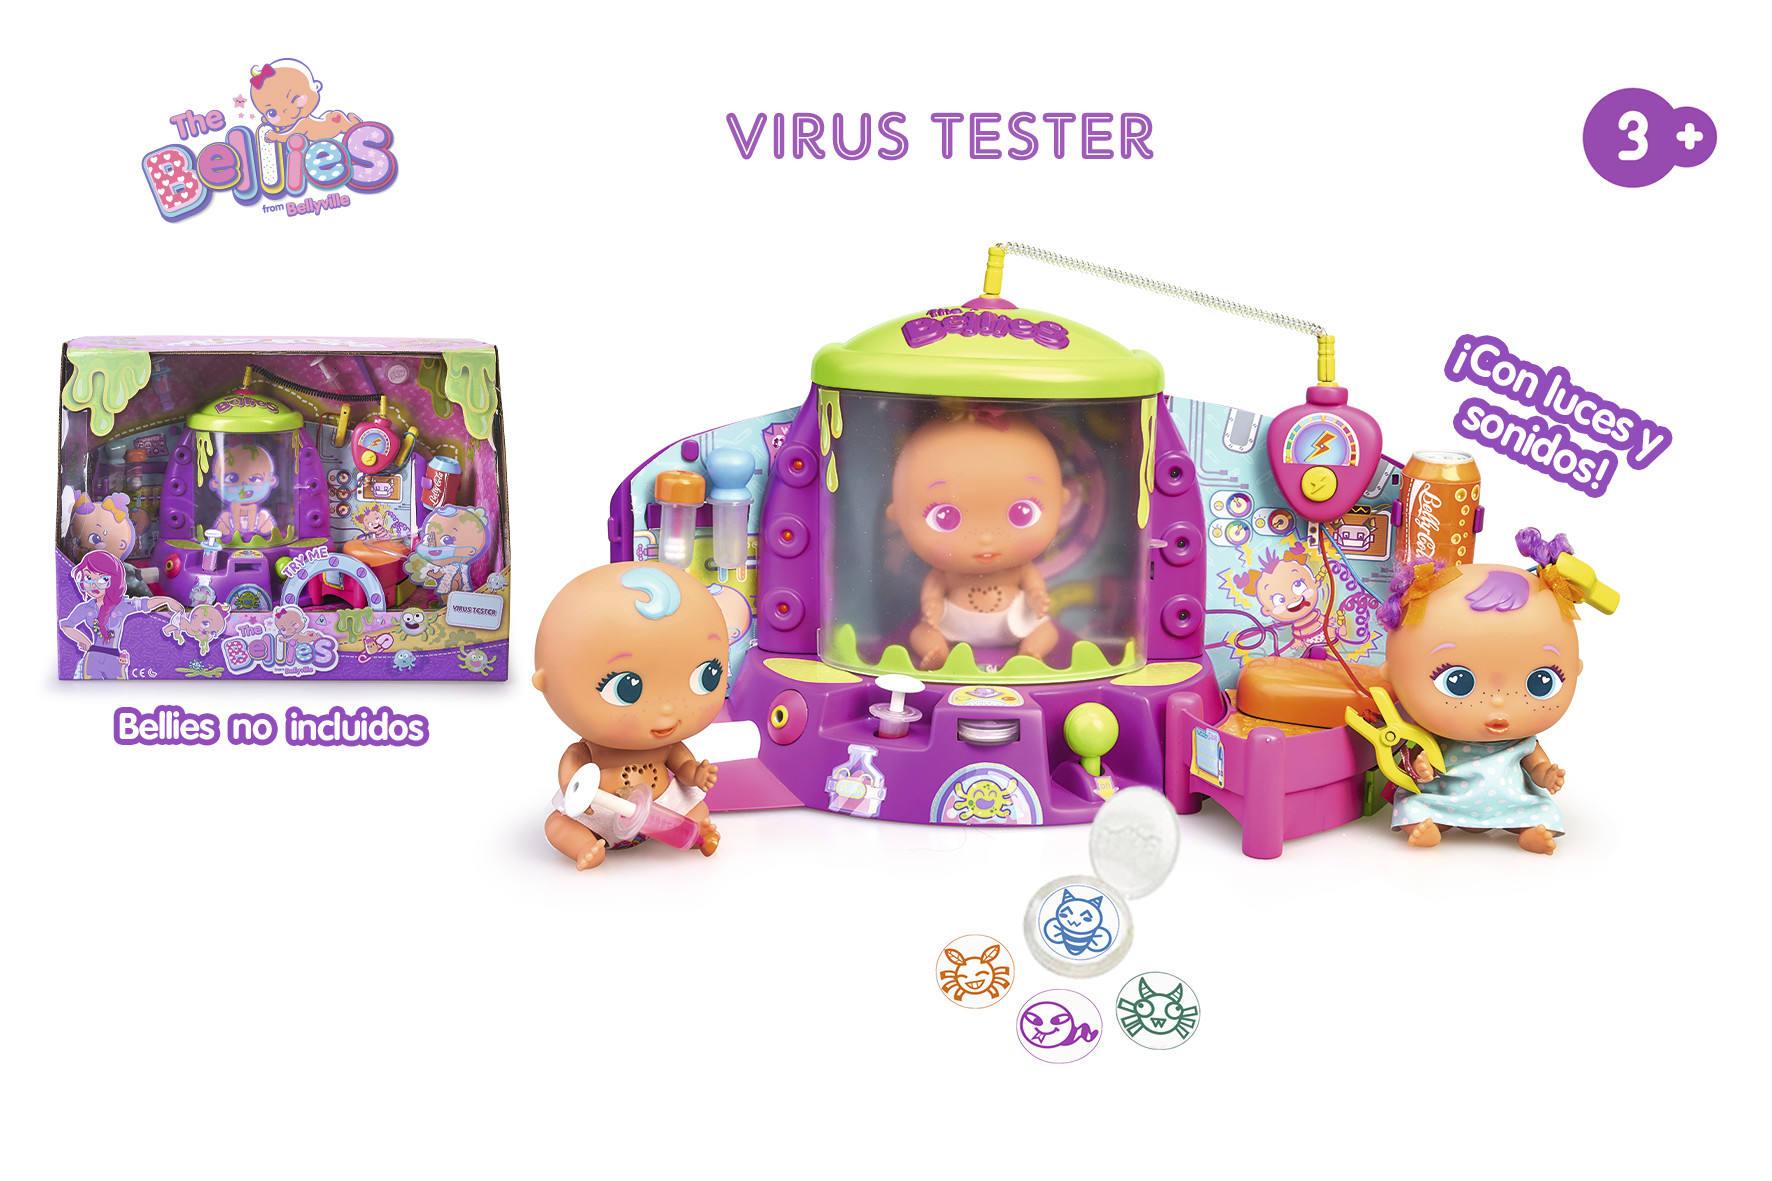 VIRUS TESTER BELLIES 15775 - N40820